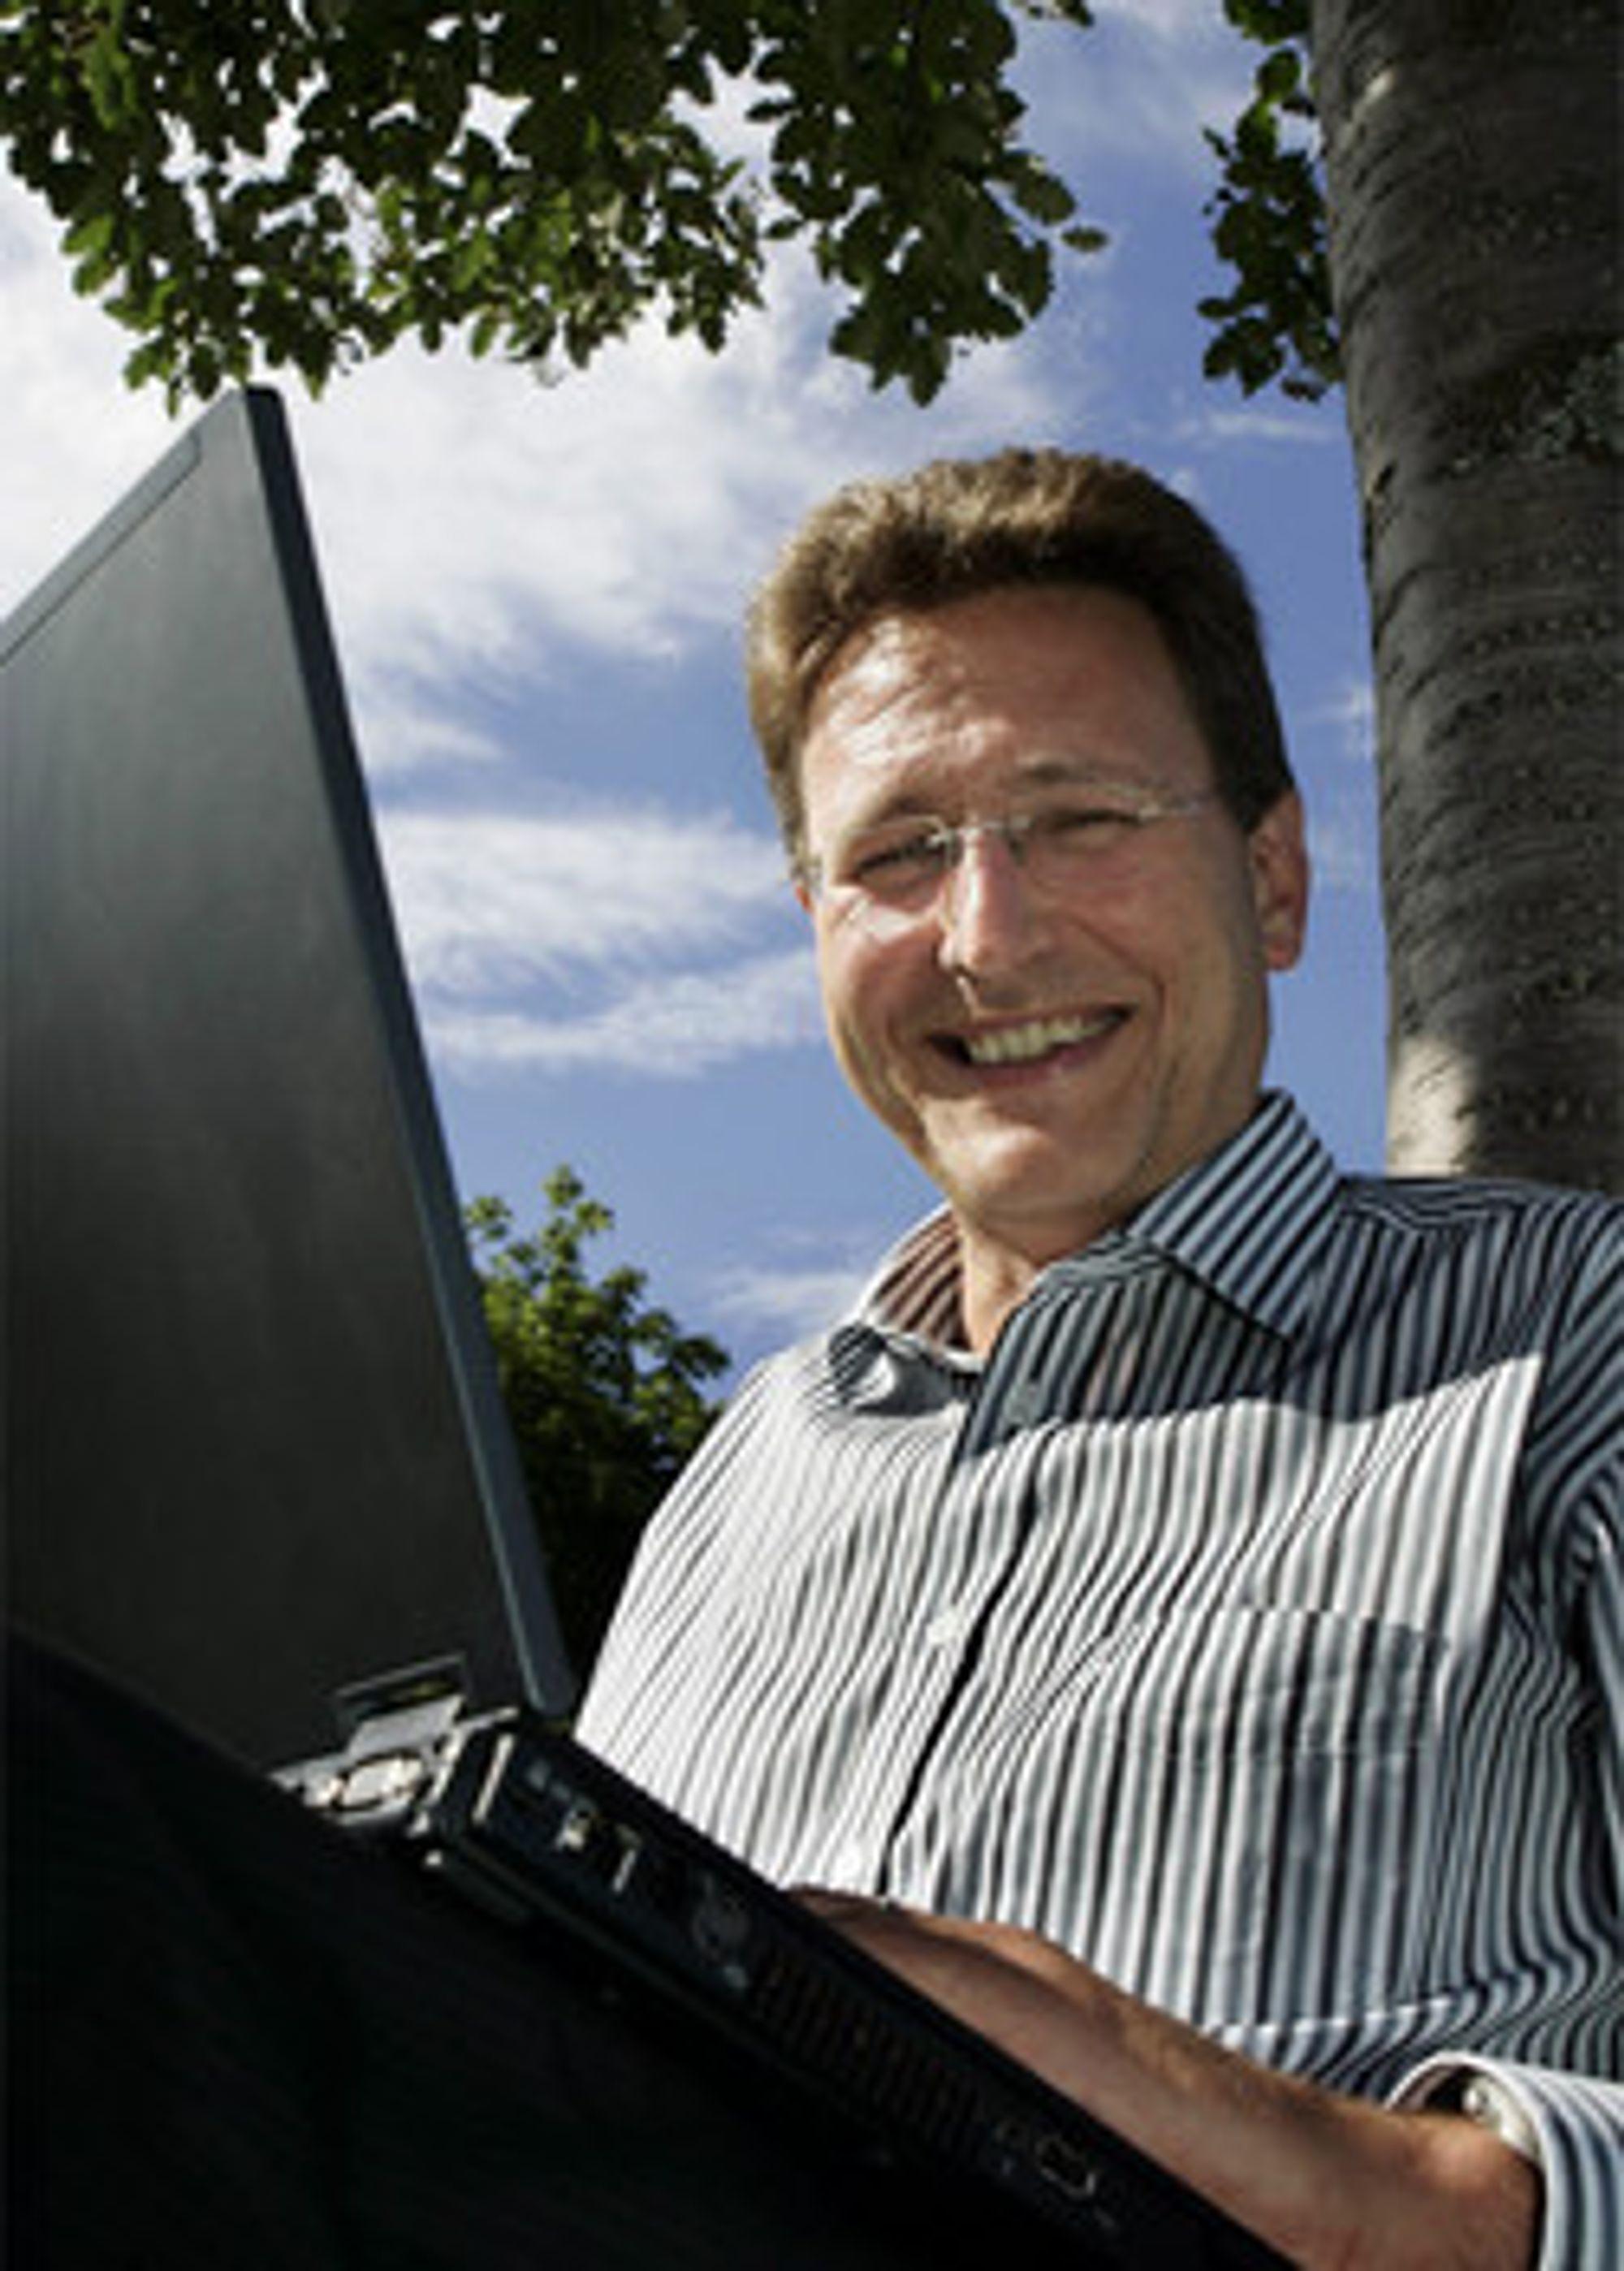 Bransjens helt 1: Matthias Peter i Ice.net (Foto: Ice.net)